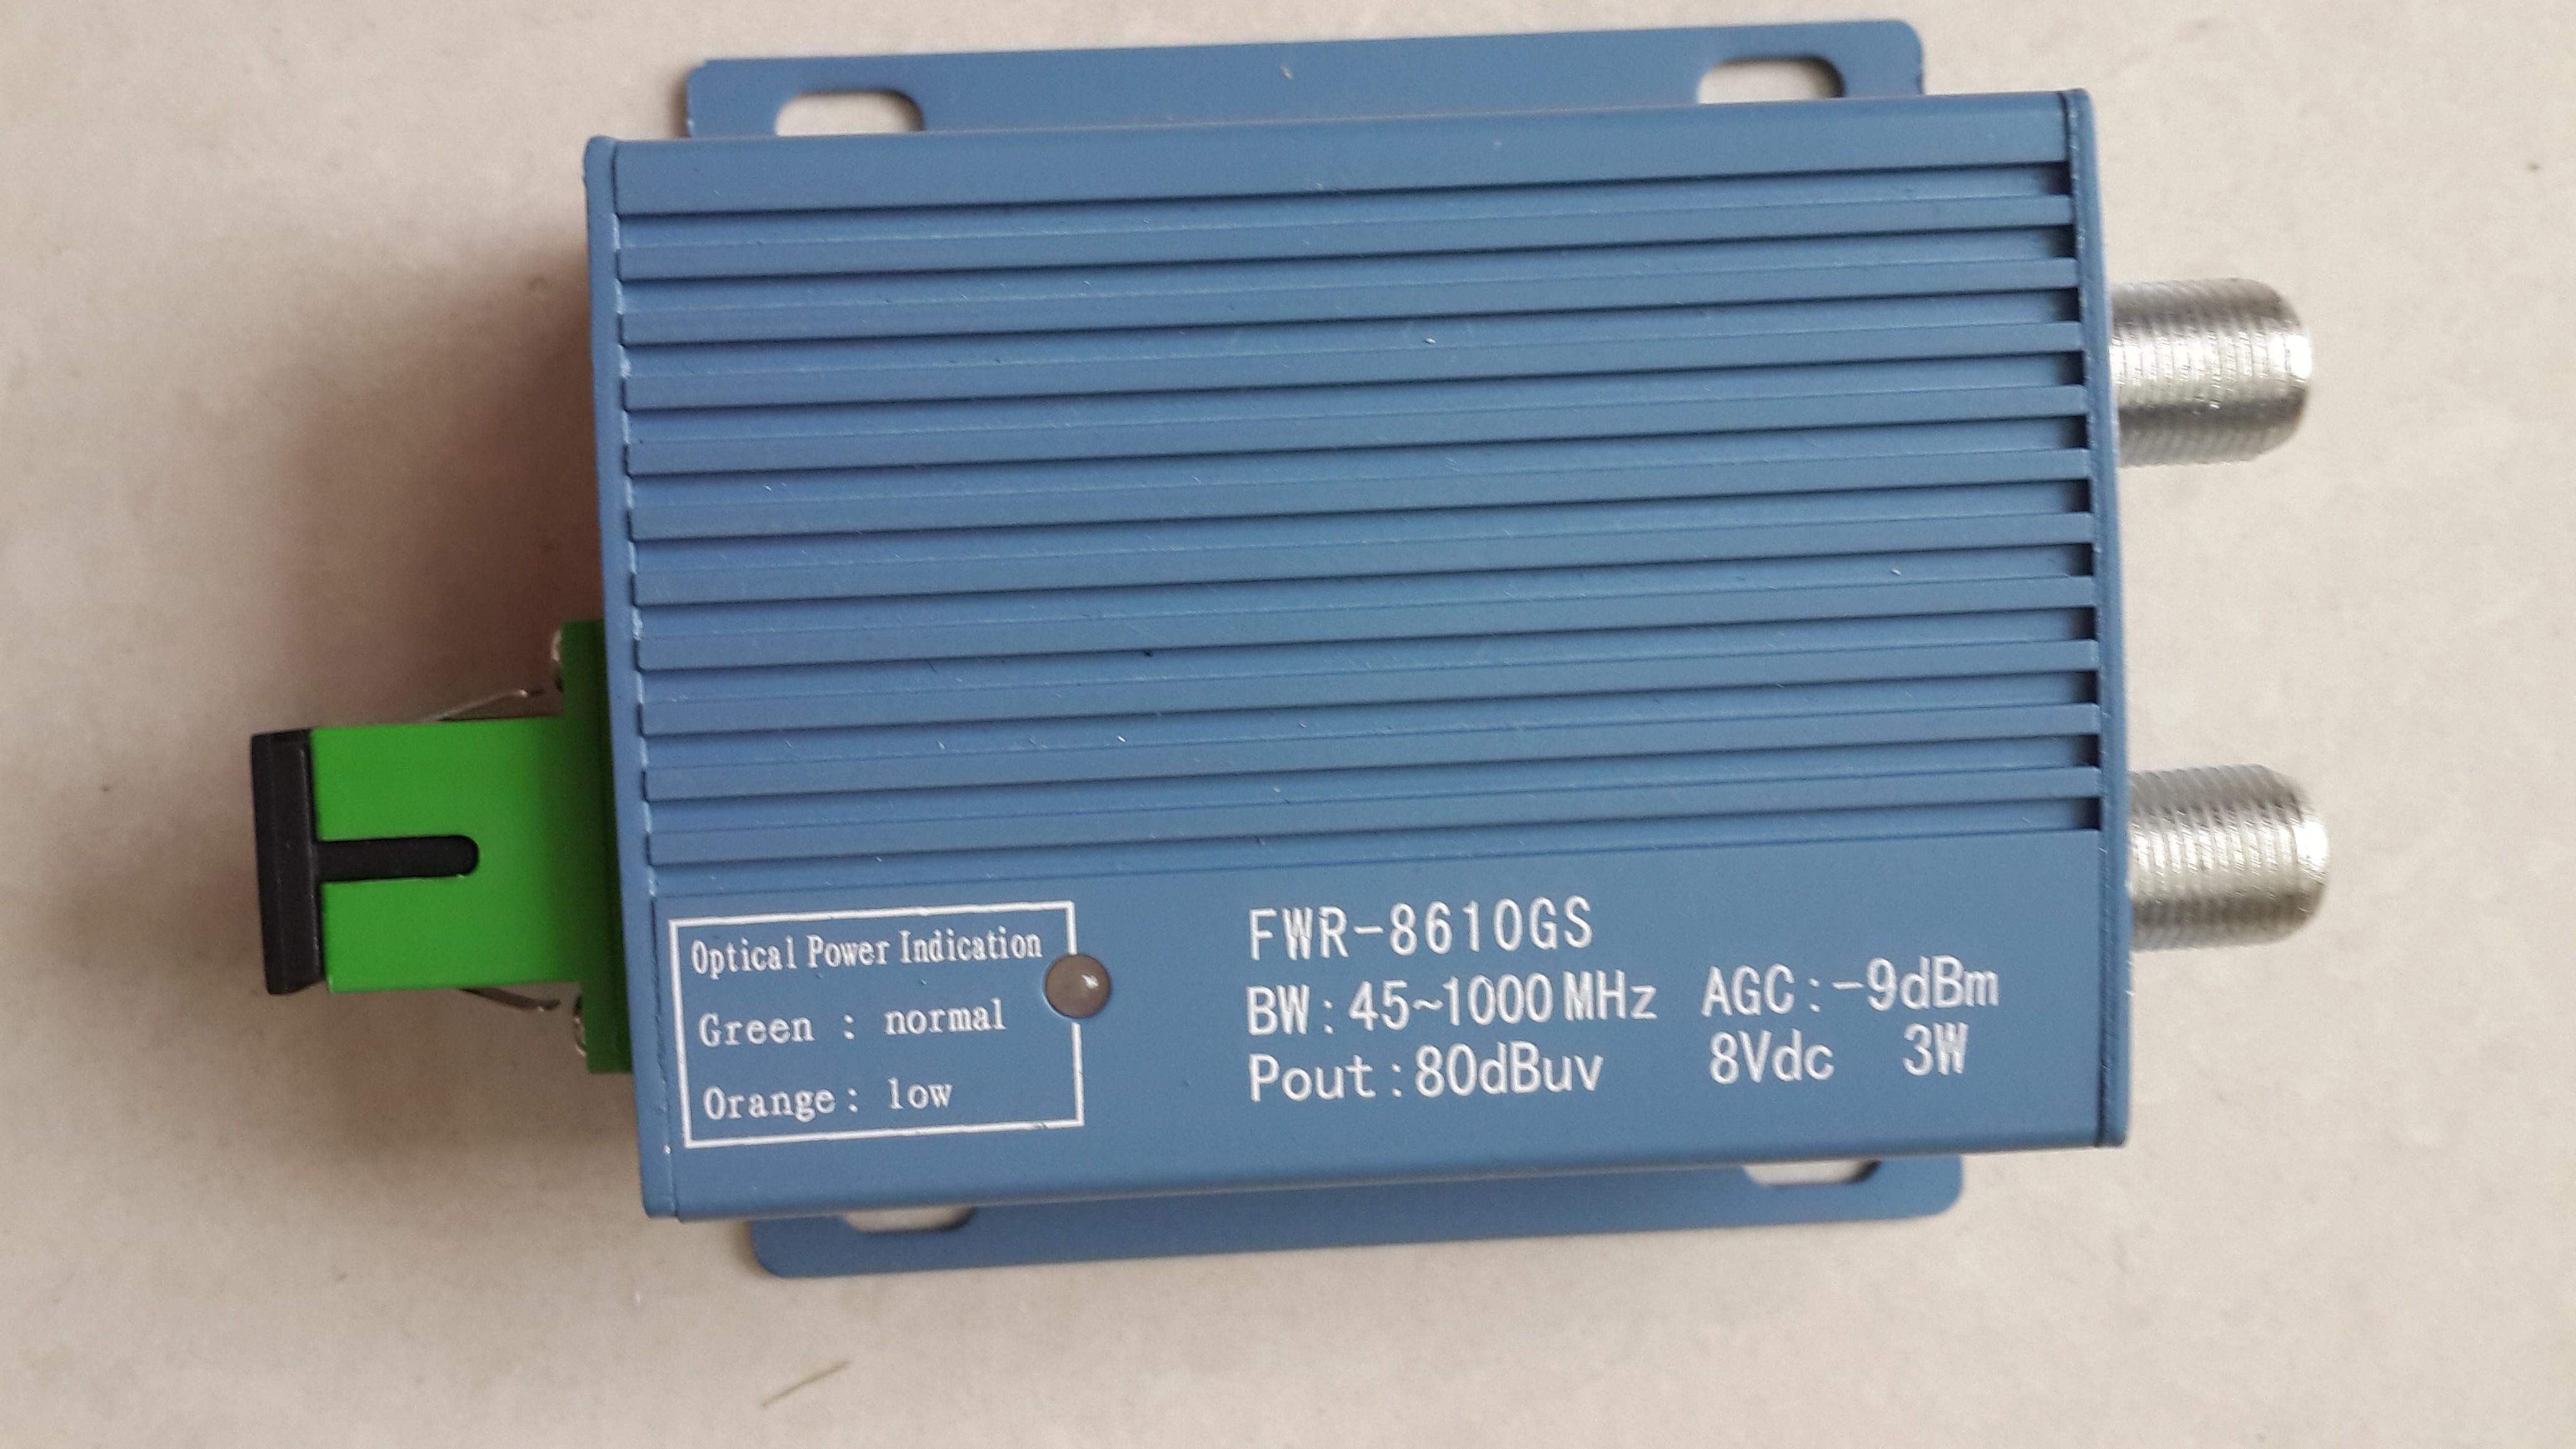 BỘ THU QUANG FTTH/NODE MINI FWR-8610GS + FWR-8610GSD